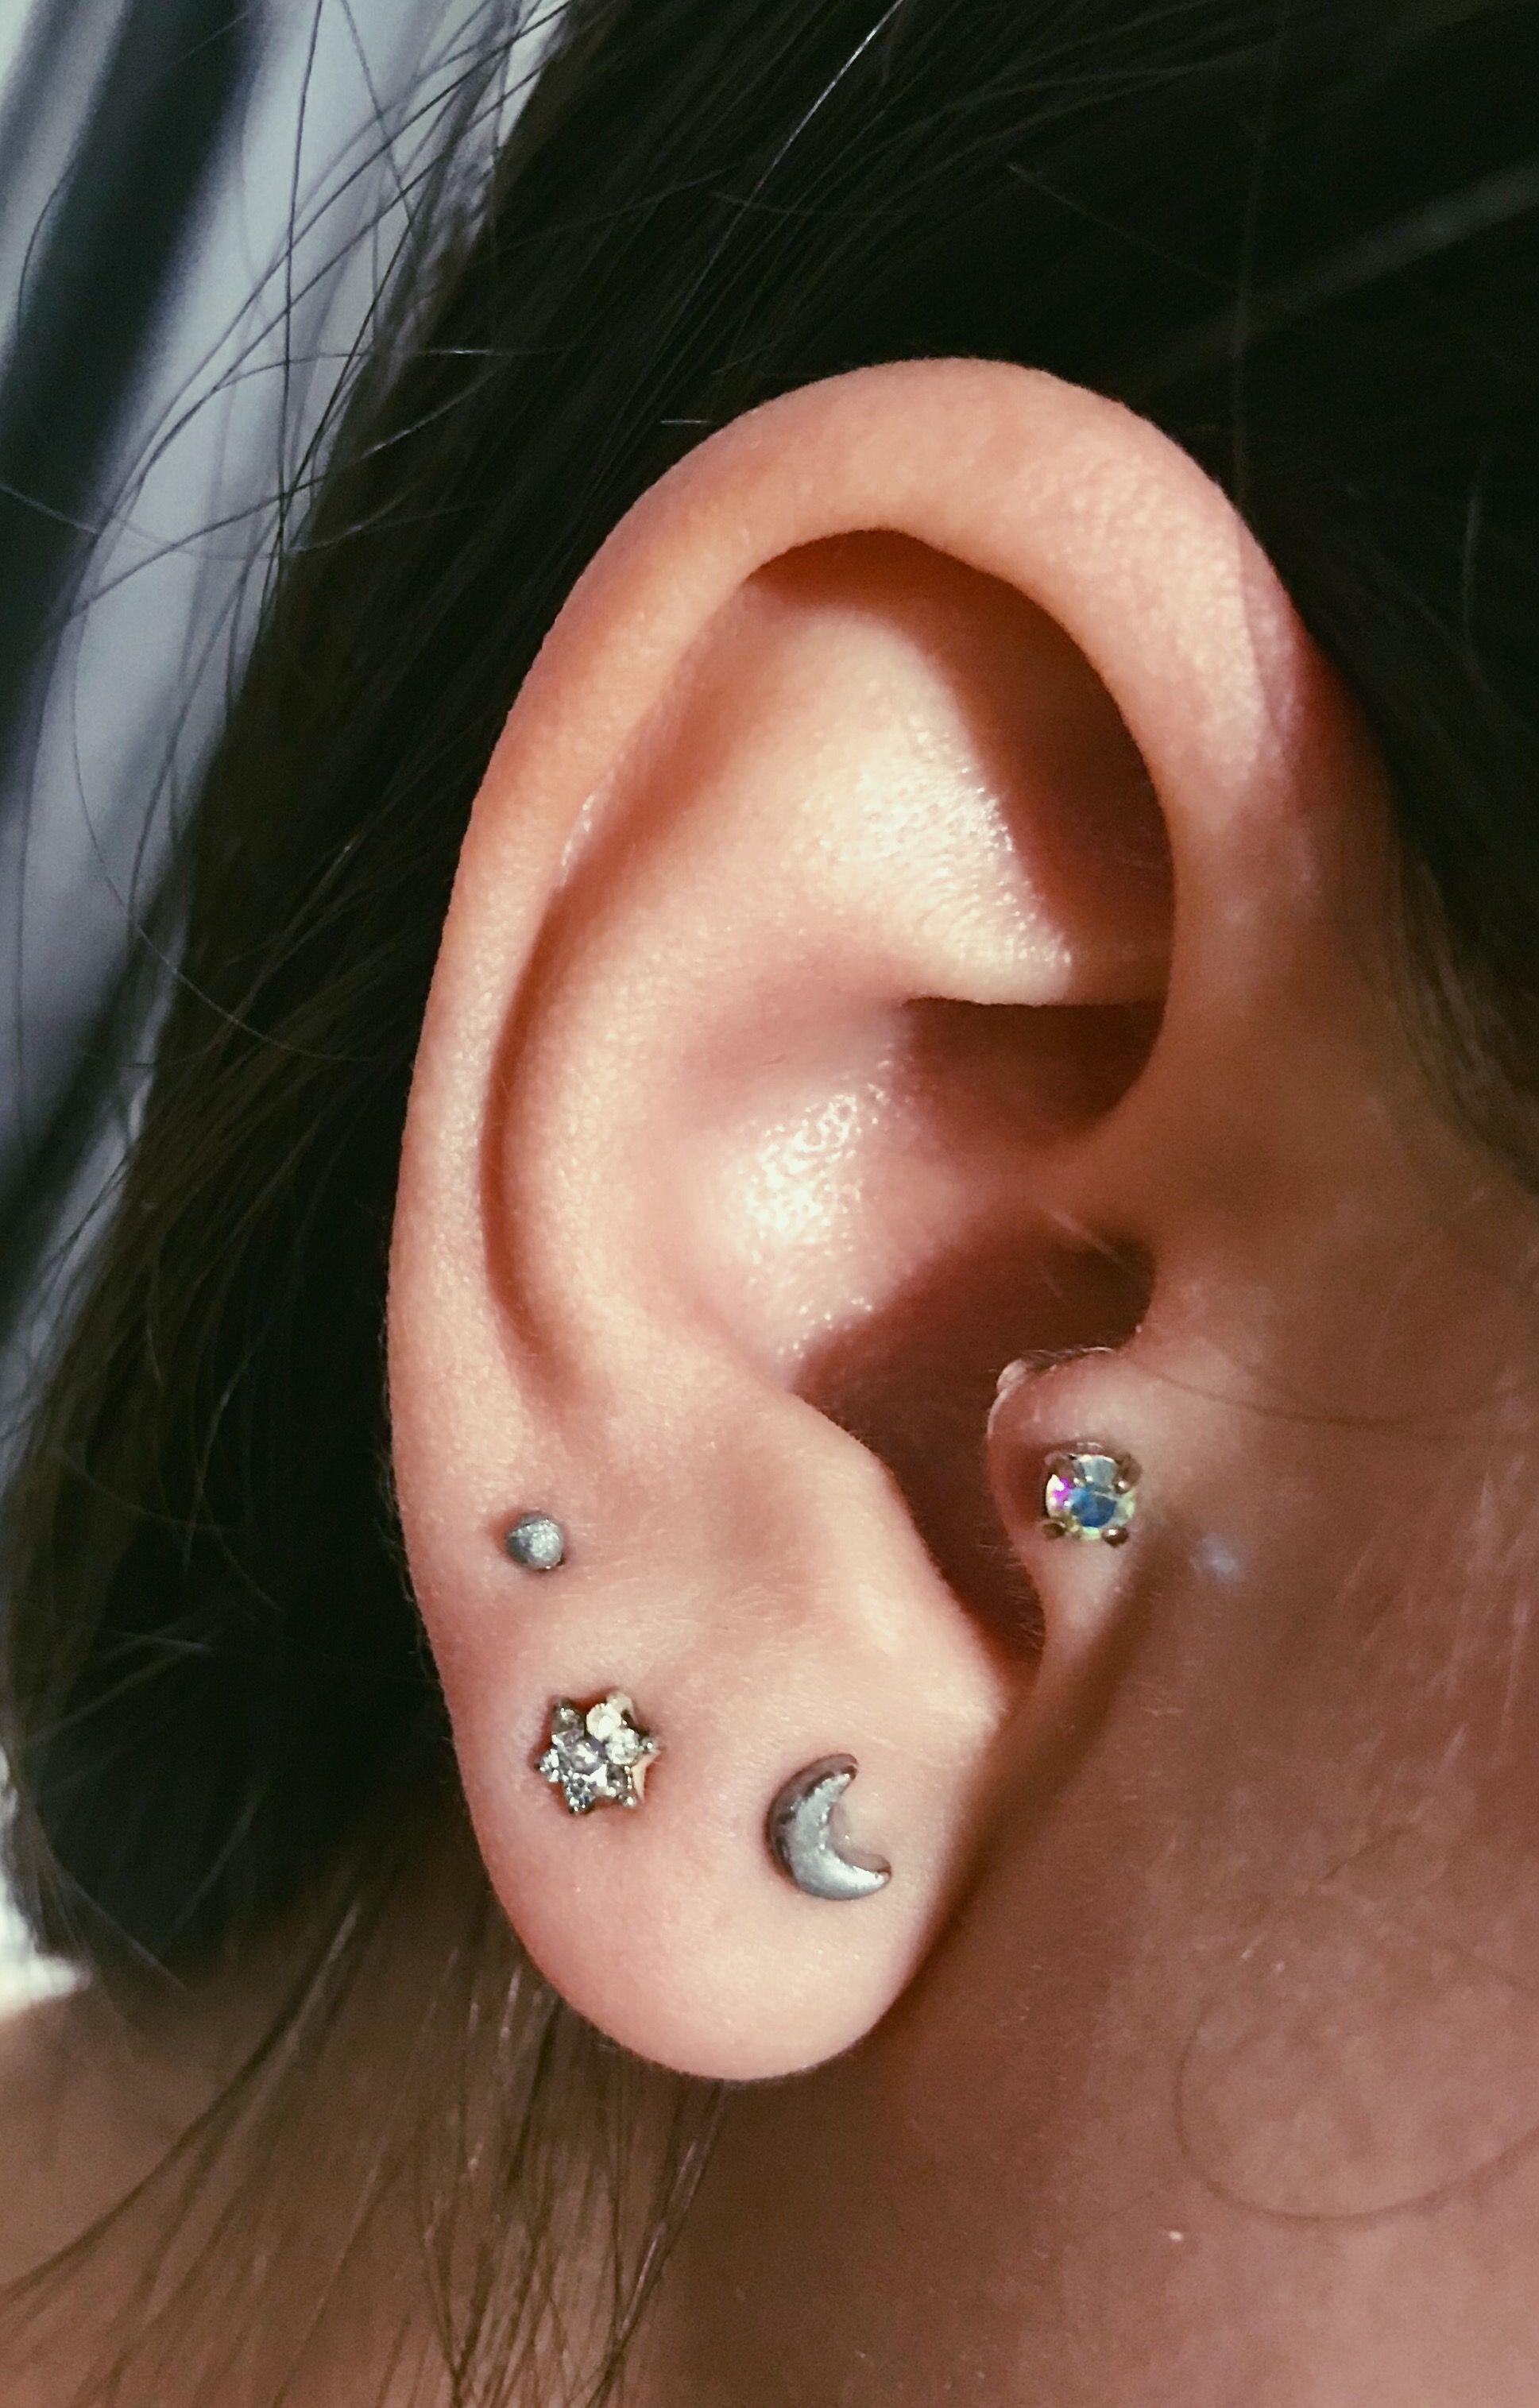 Snug piercing ideas  Piercings tragus  nails hair u make up  Pinterest  Piercings